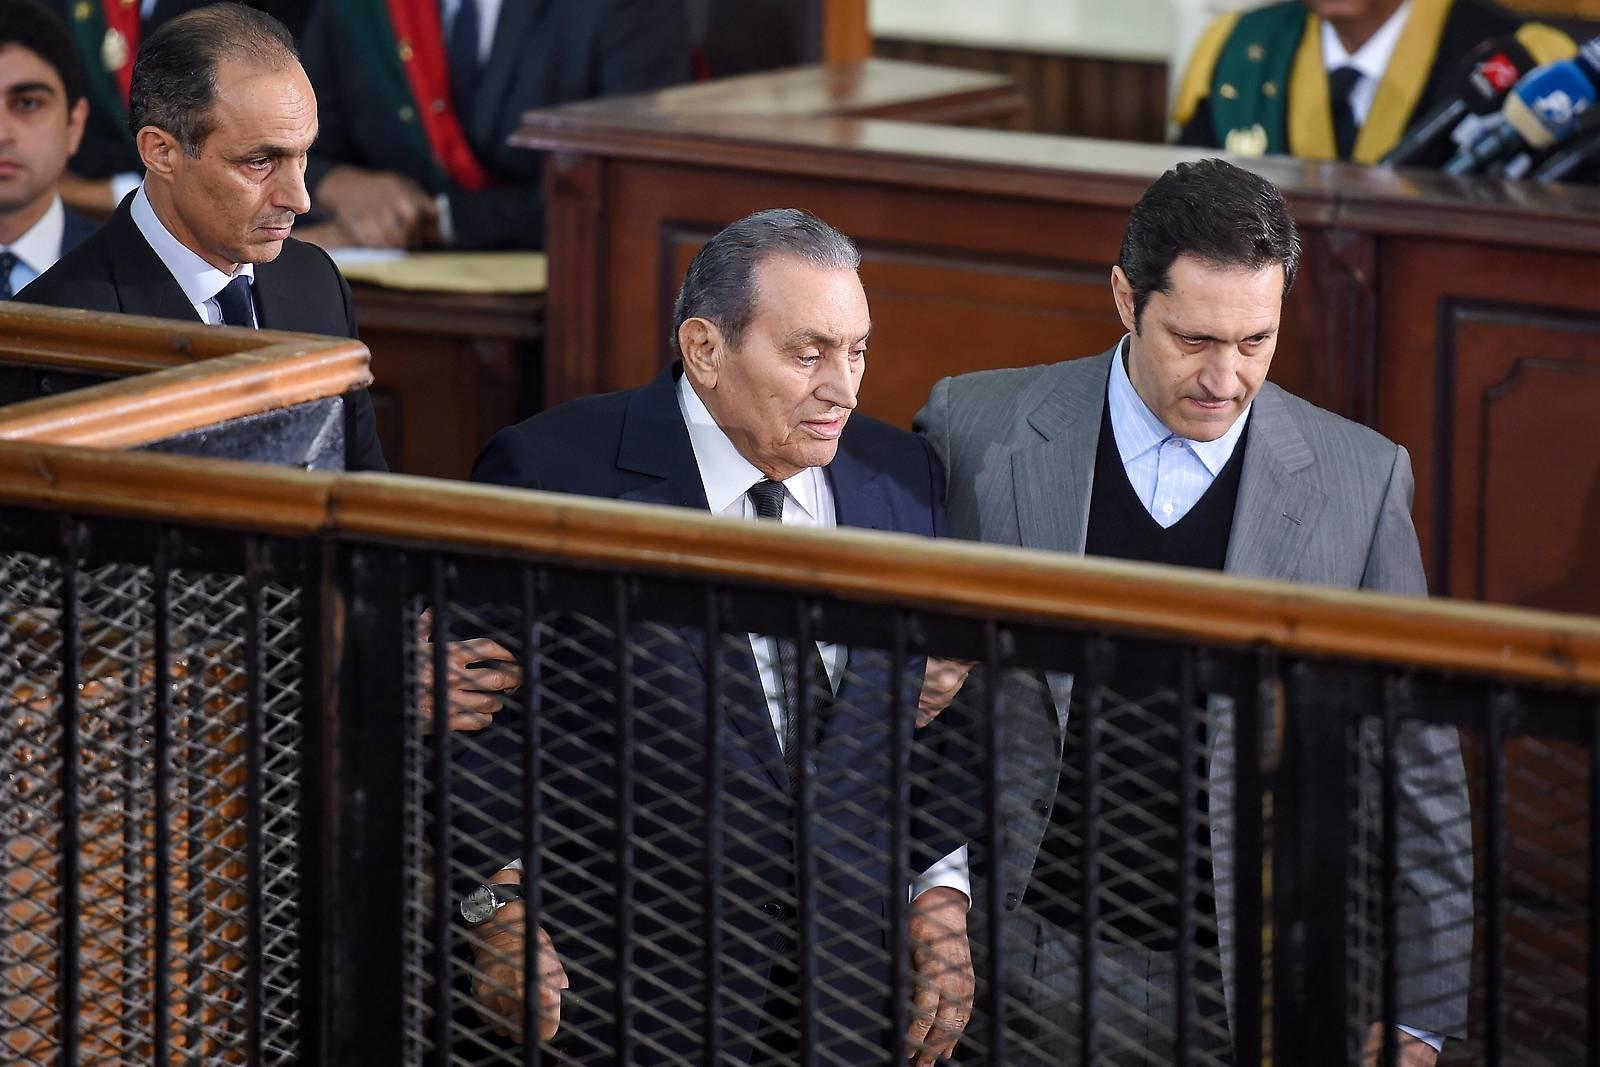 Ägyptens Ex-Präsidenten: Mubarak sagt gegen Mursi aus